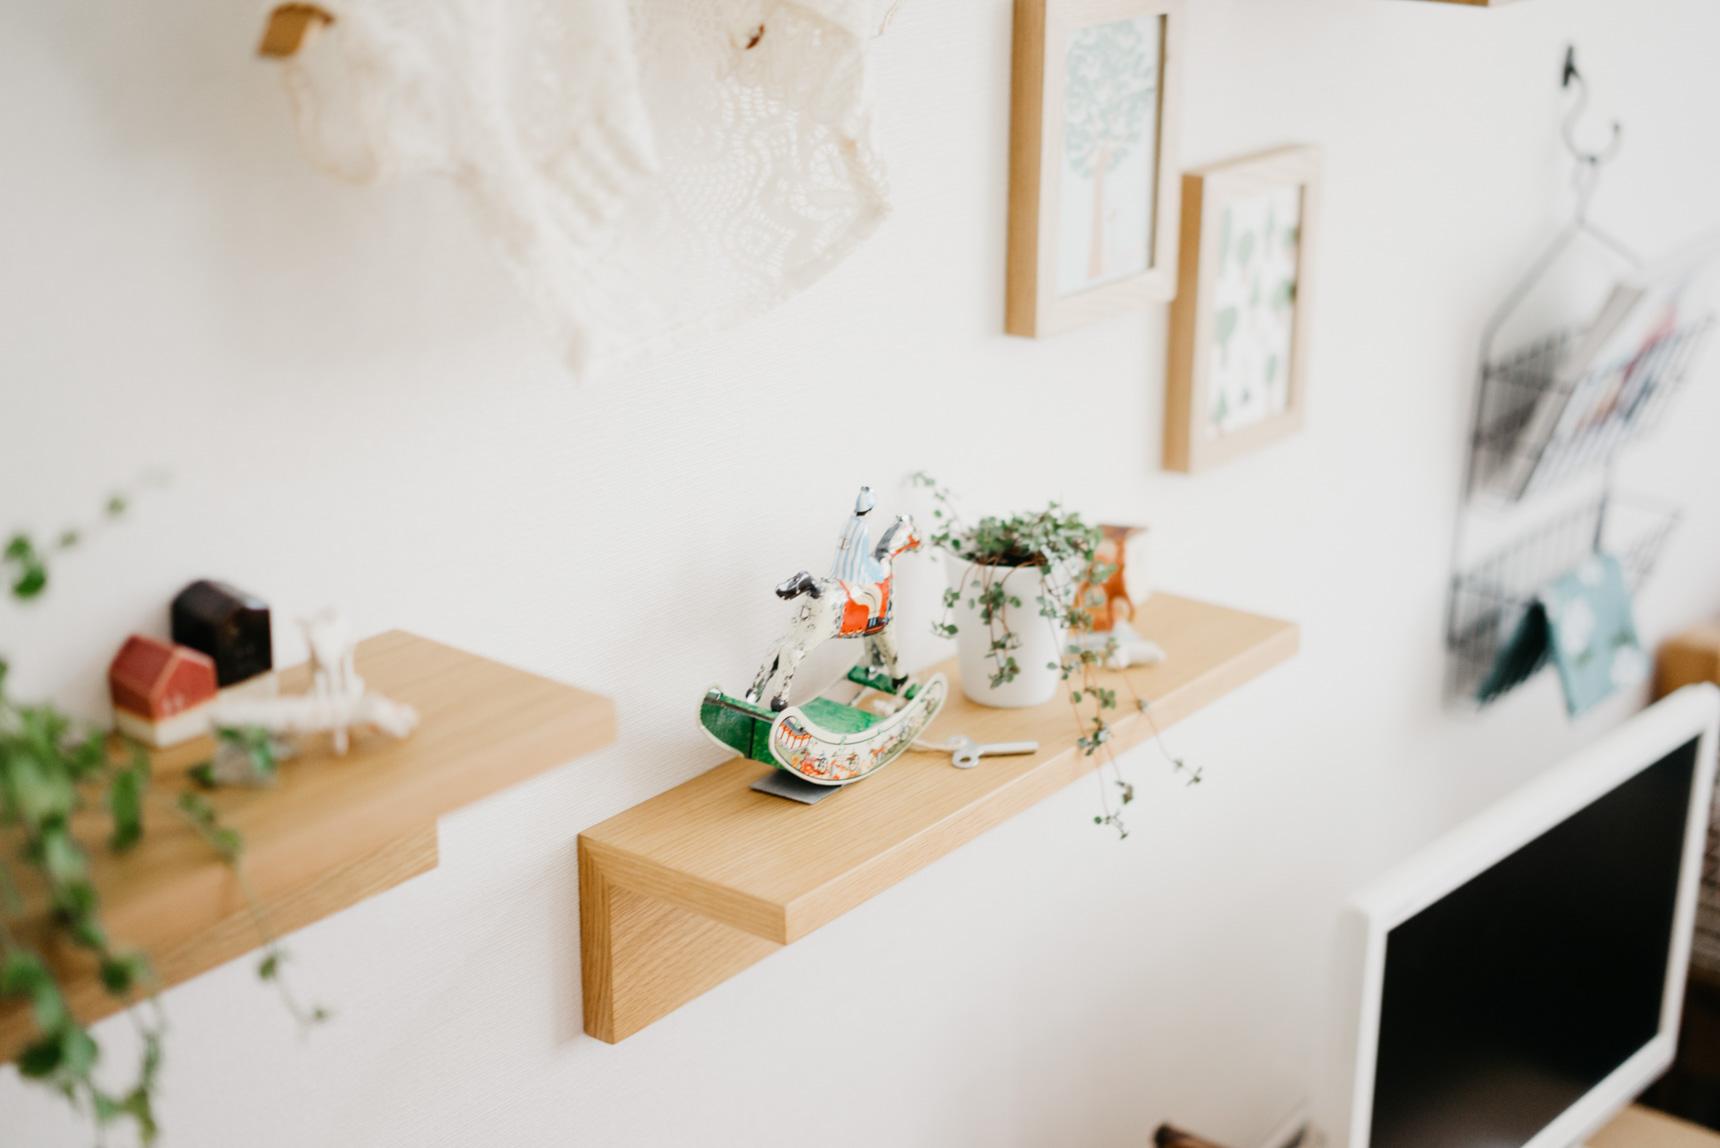 無印良品の「壁に付けられる家具」を使って、ちょっとした飾り棚をつくっています。